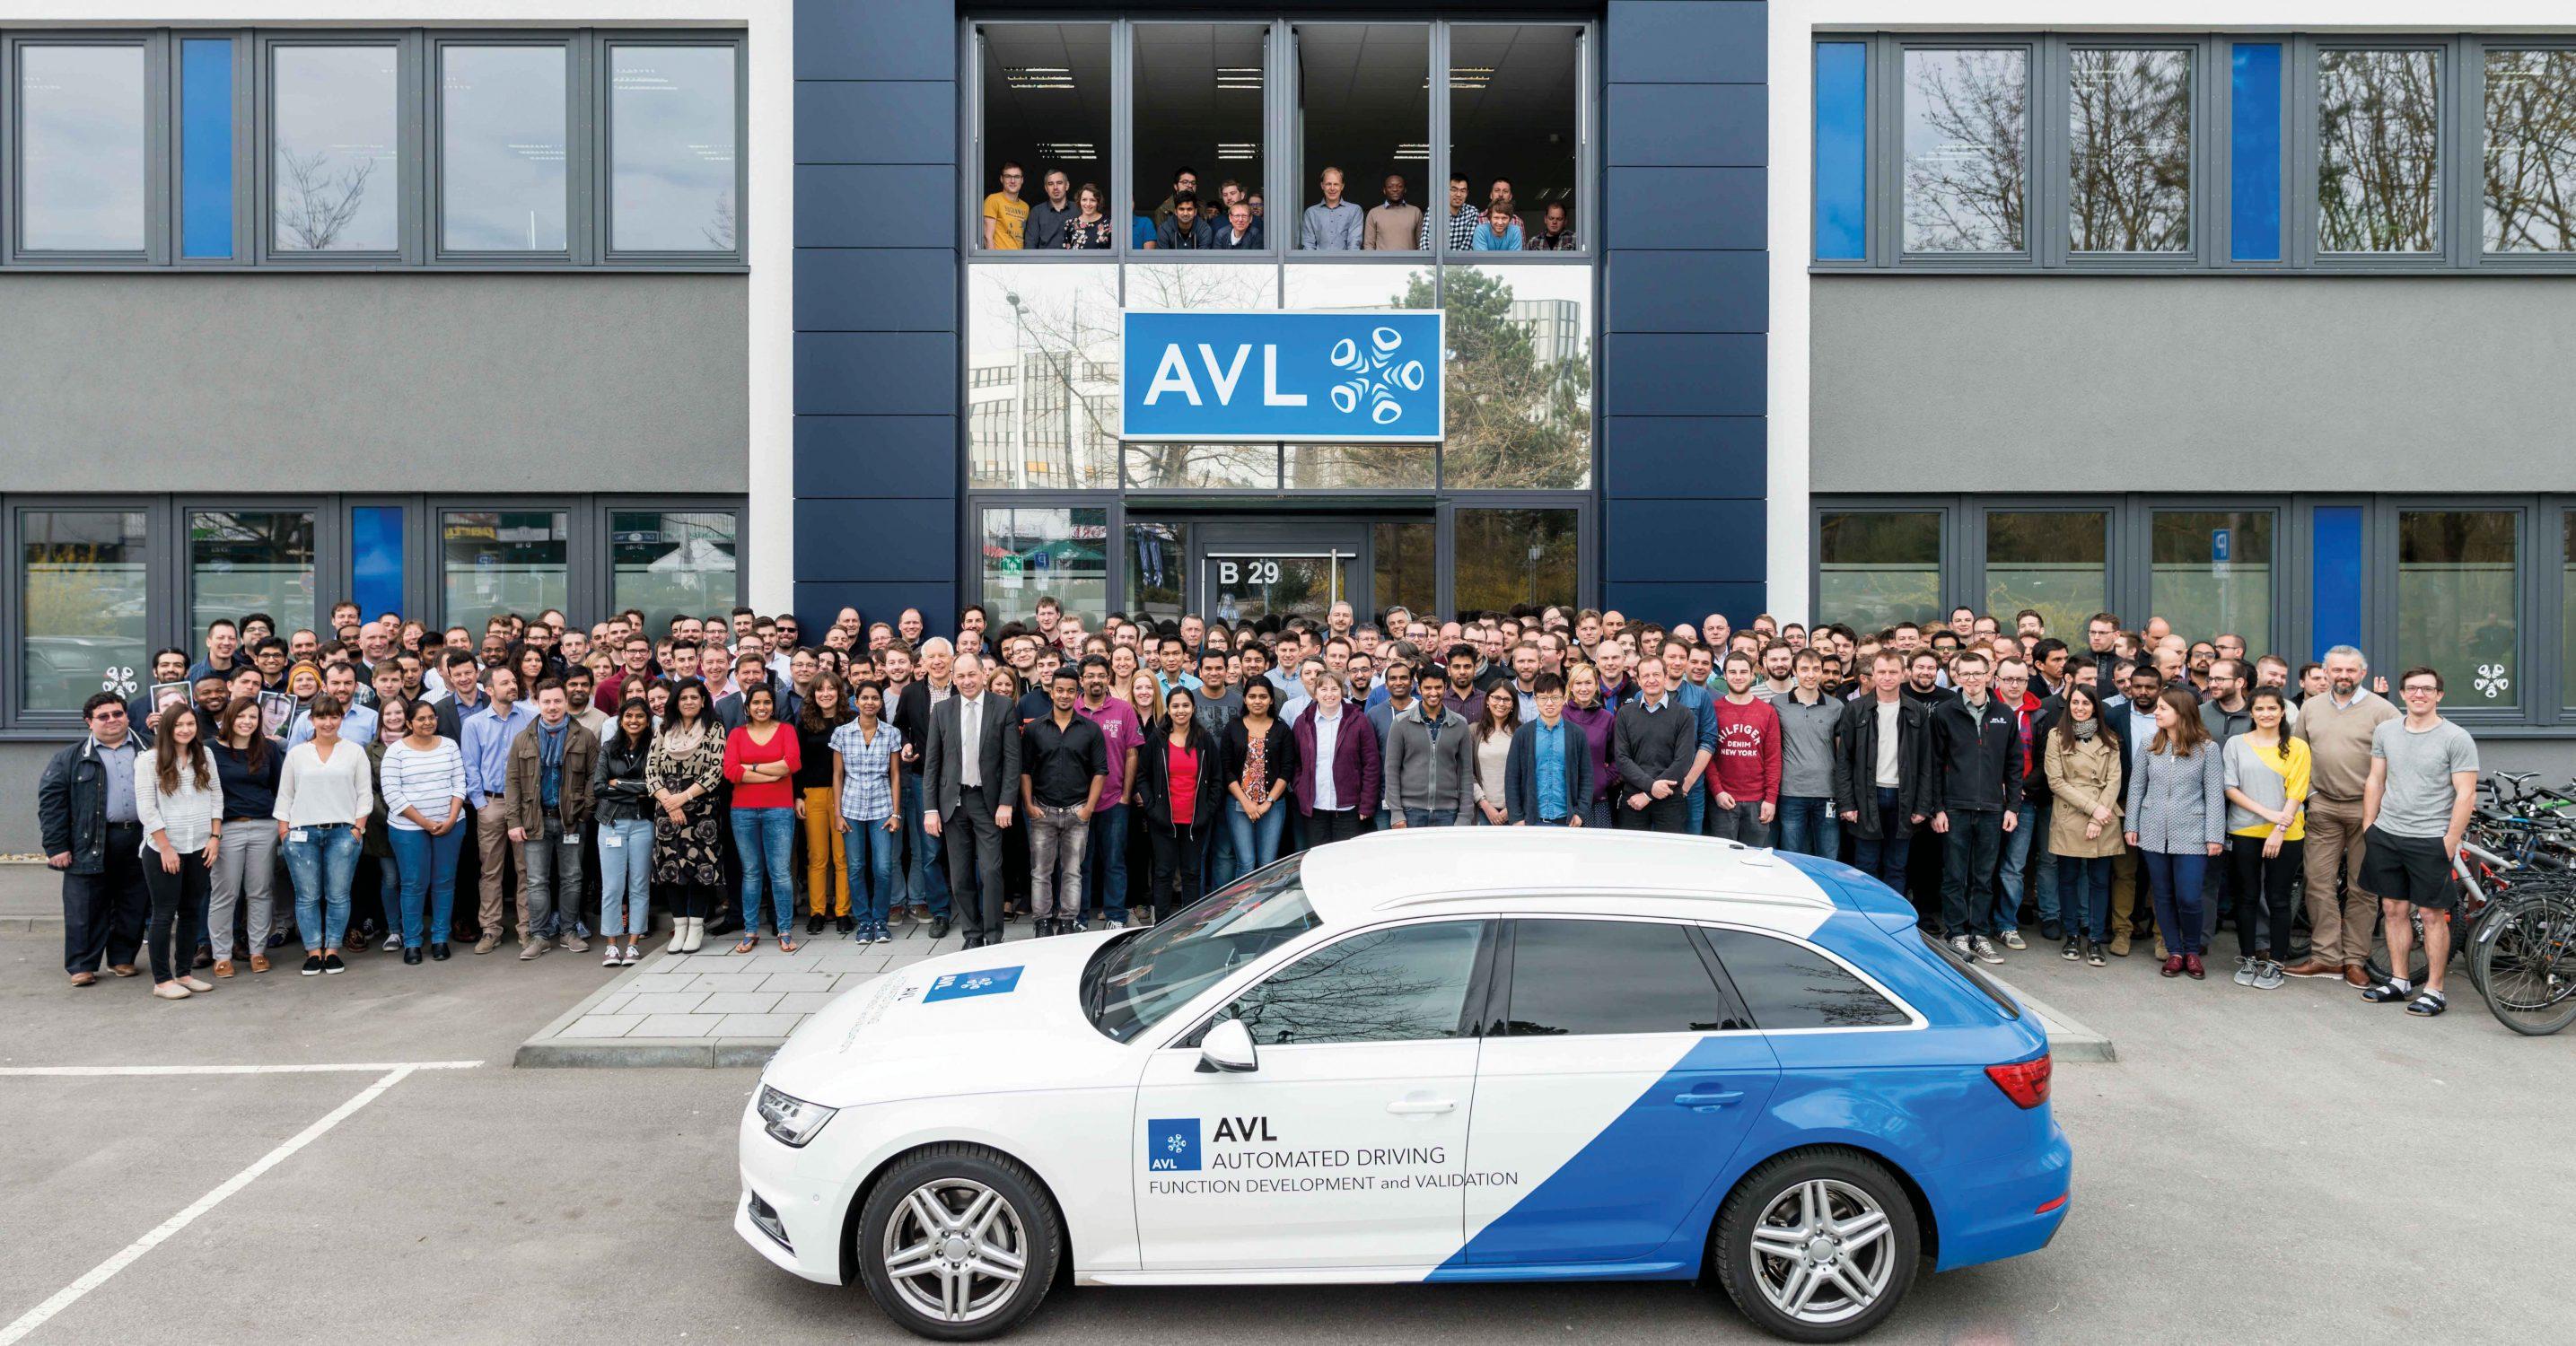 Mitarbeiter und AVL Auto vor Haupteingang